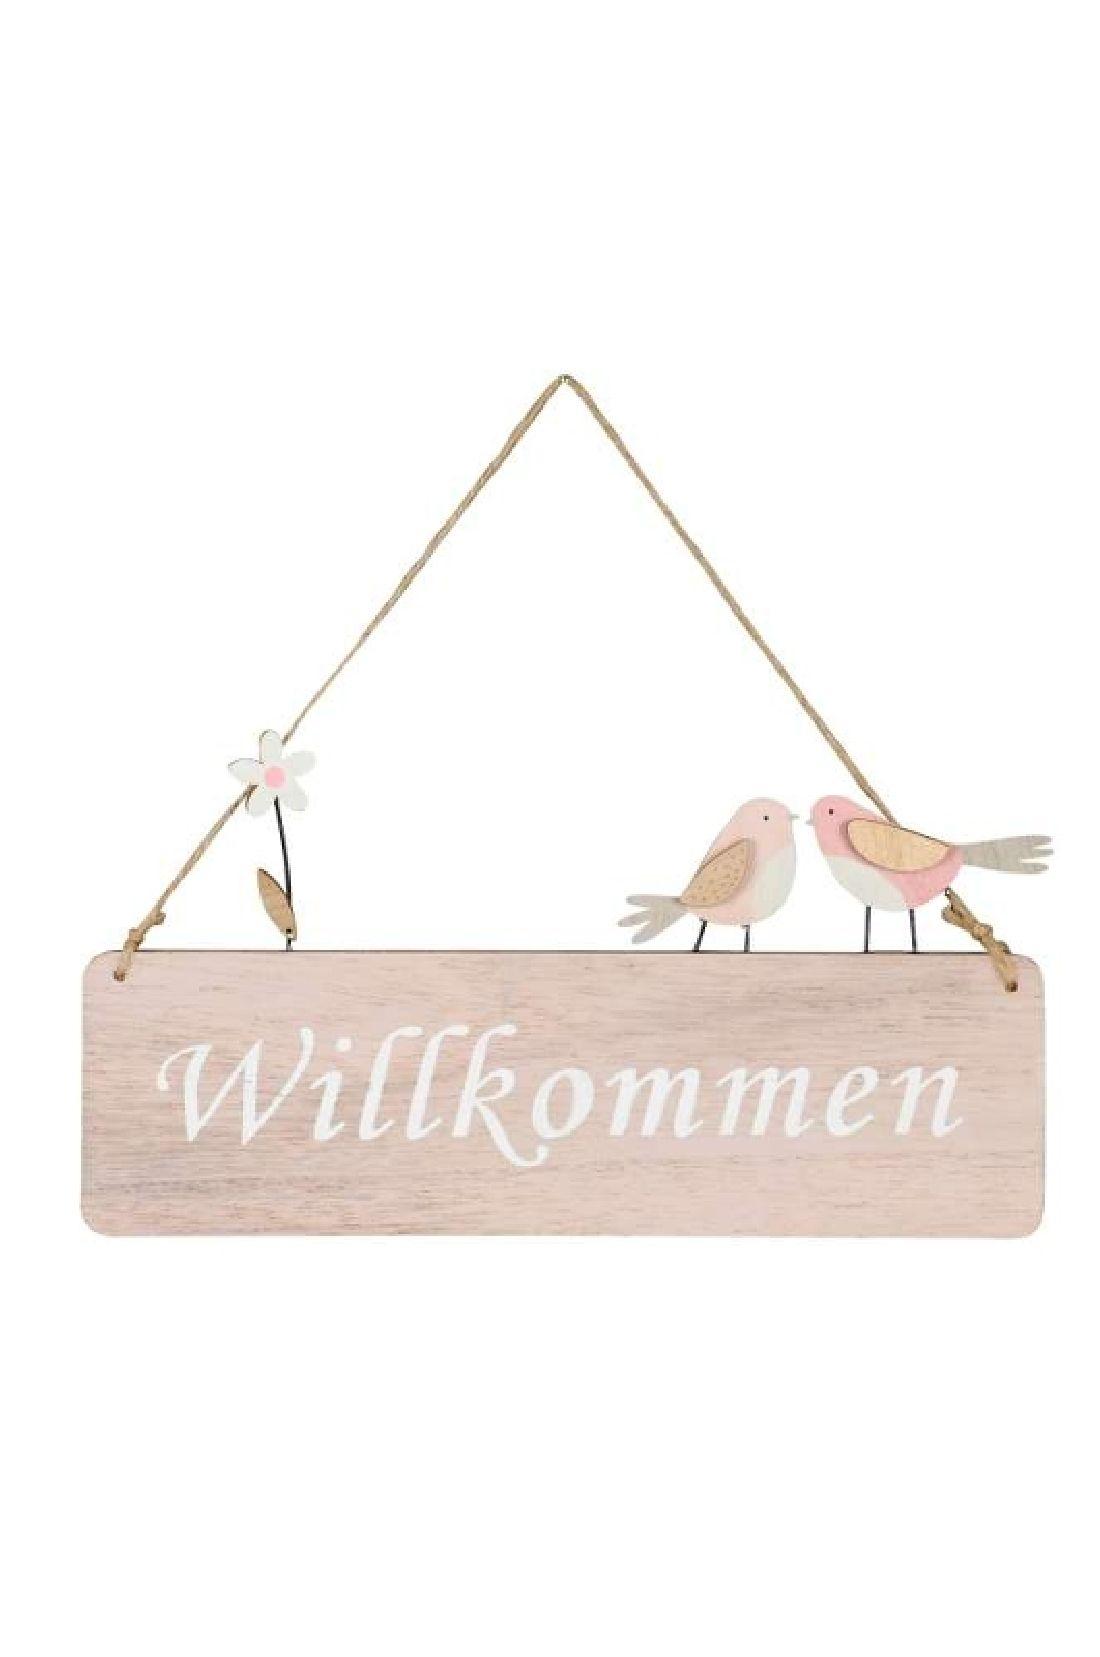 Holzschild Willkommen pastellrosa mit weißer Schrift 27xH14/28cm 521618